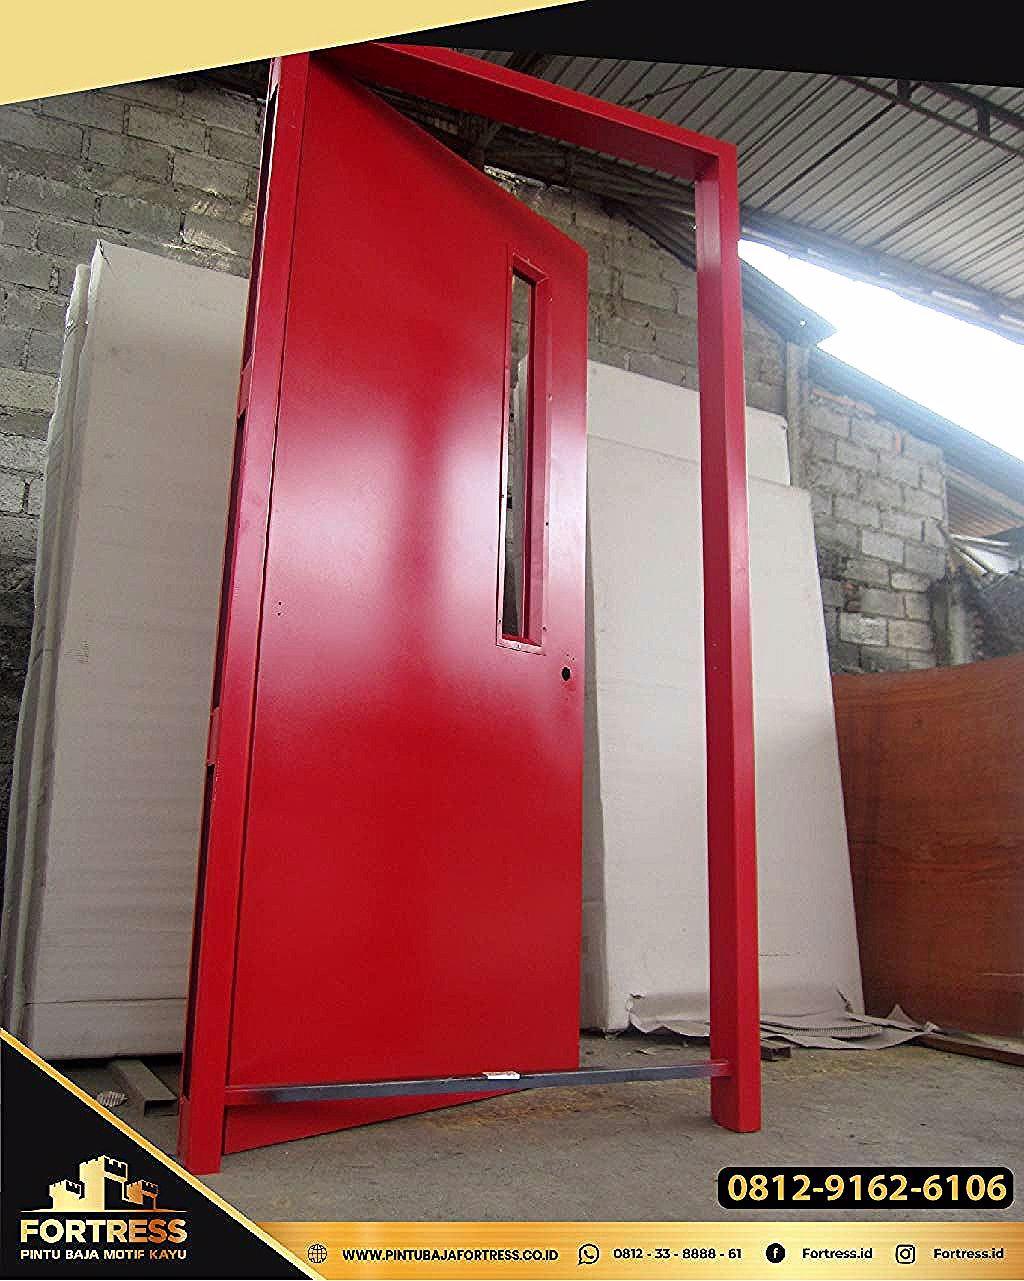 0812 9162 6106 Fortress Panic Door Hardware In 2020 Steel Doors Door Hardware Doors